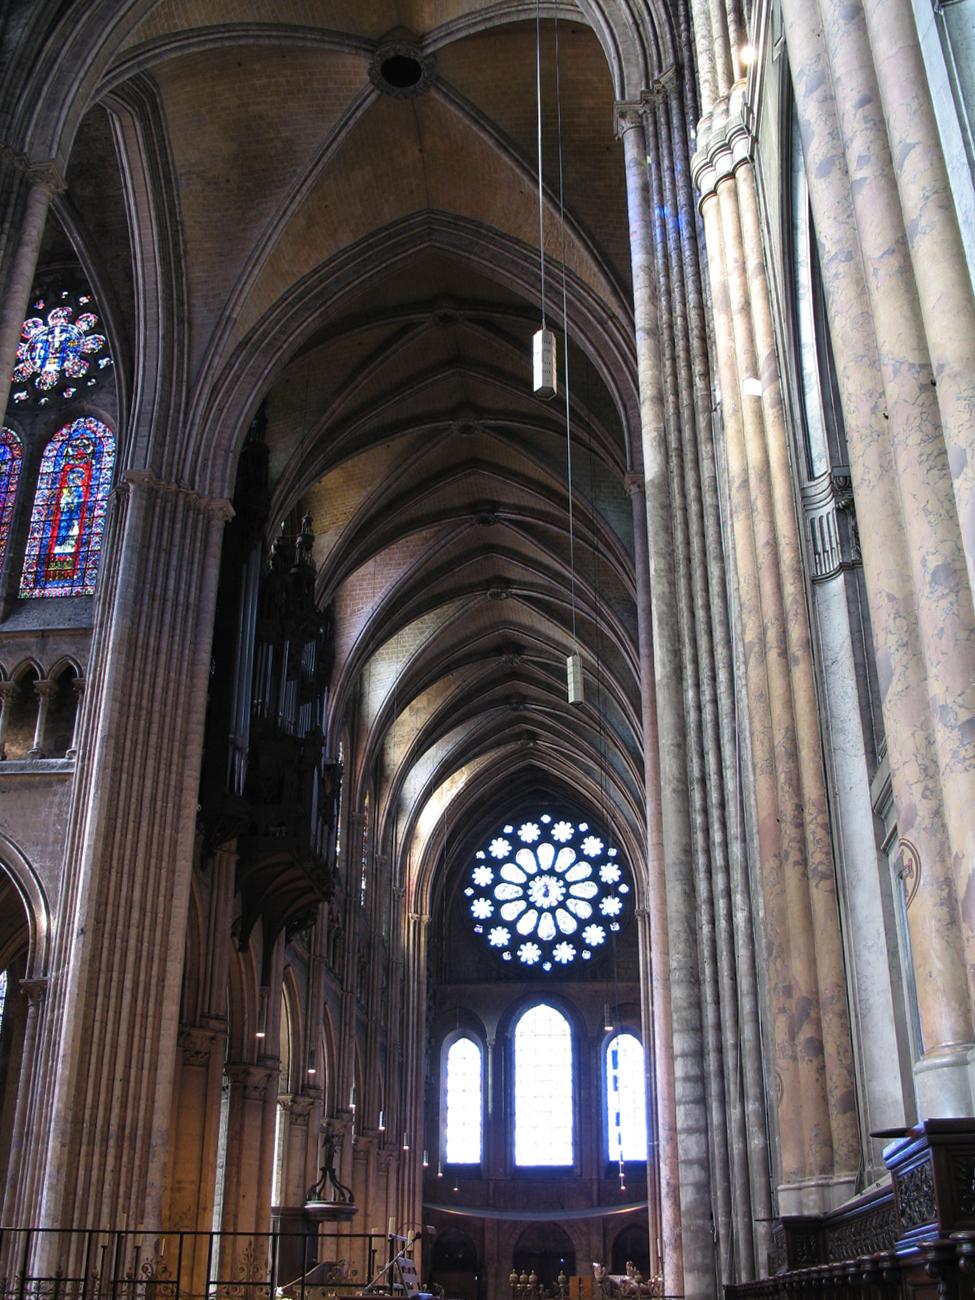 Francie, Chartres, interiér katedrály